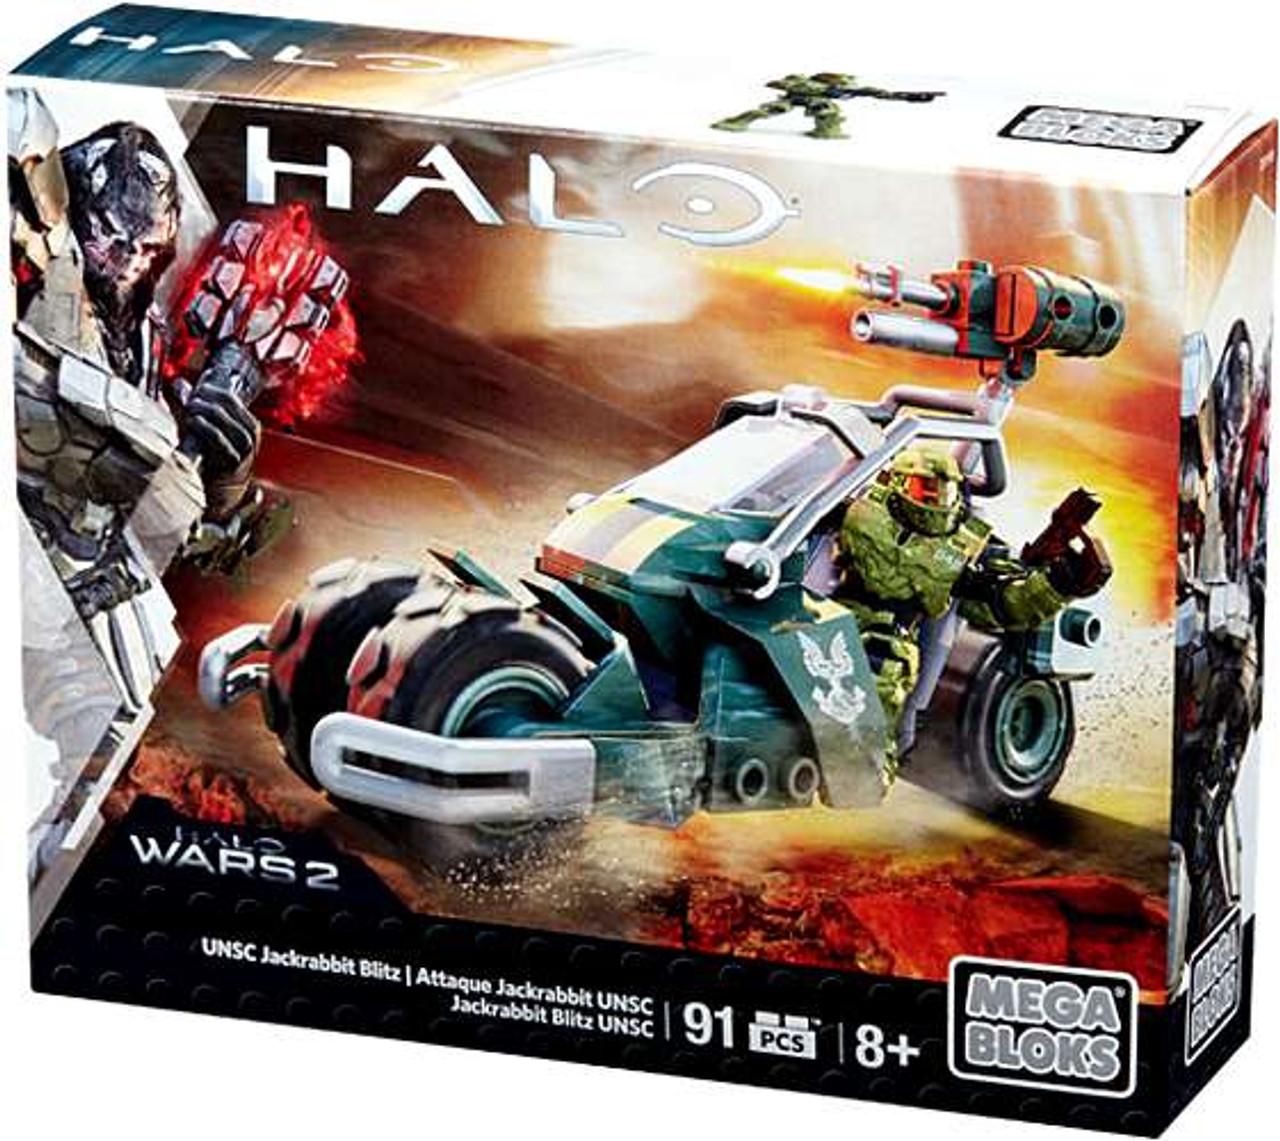 Mega Bloks Halo UNSC Jackrabbit Blitz Set #31848